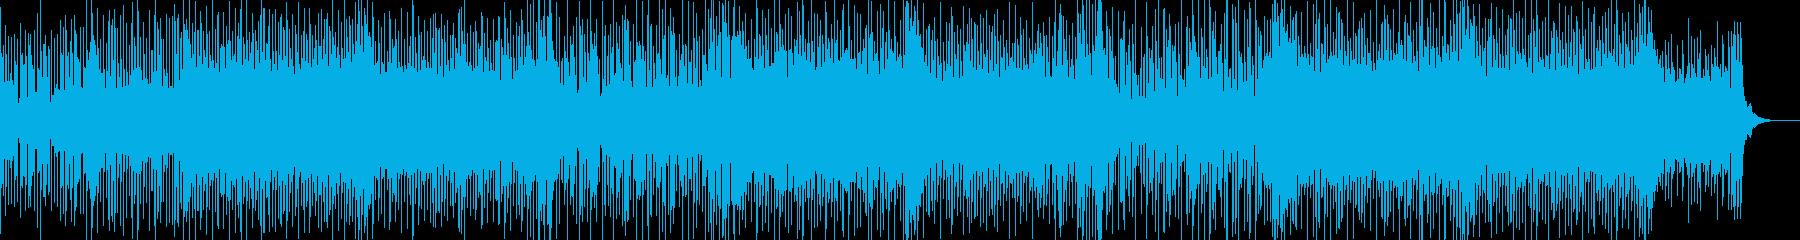 元気でカッコイイ疾走感あふれる曲の再生済みの波形